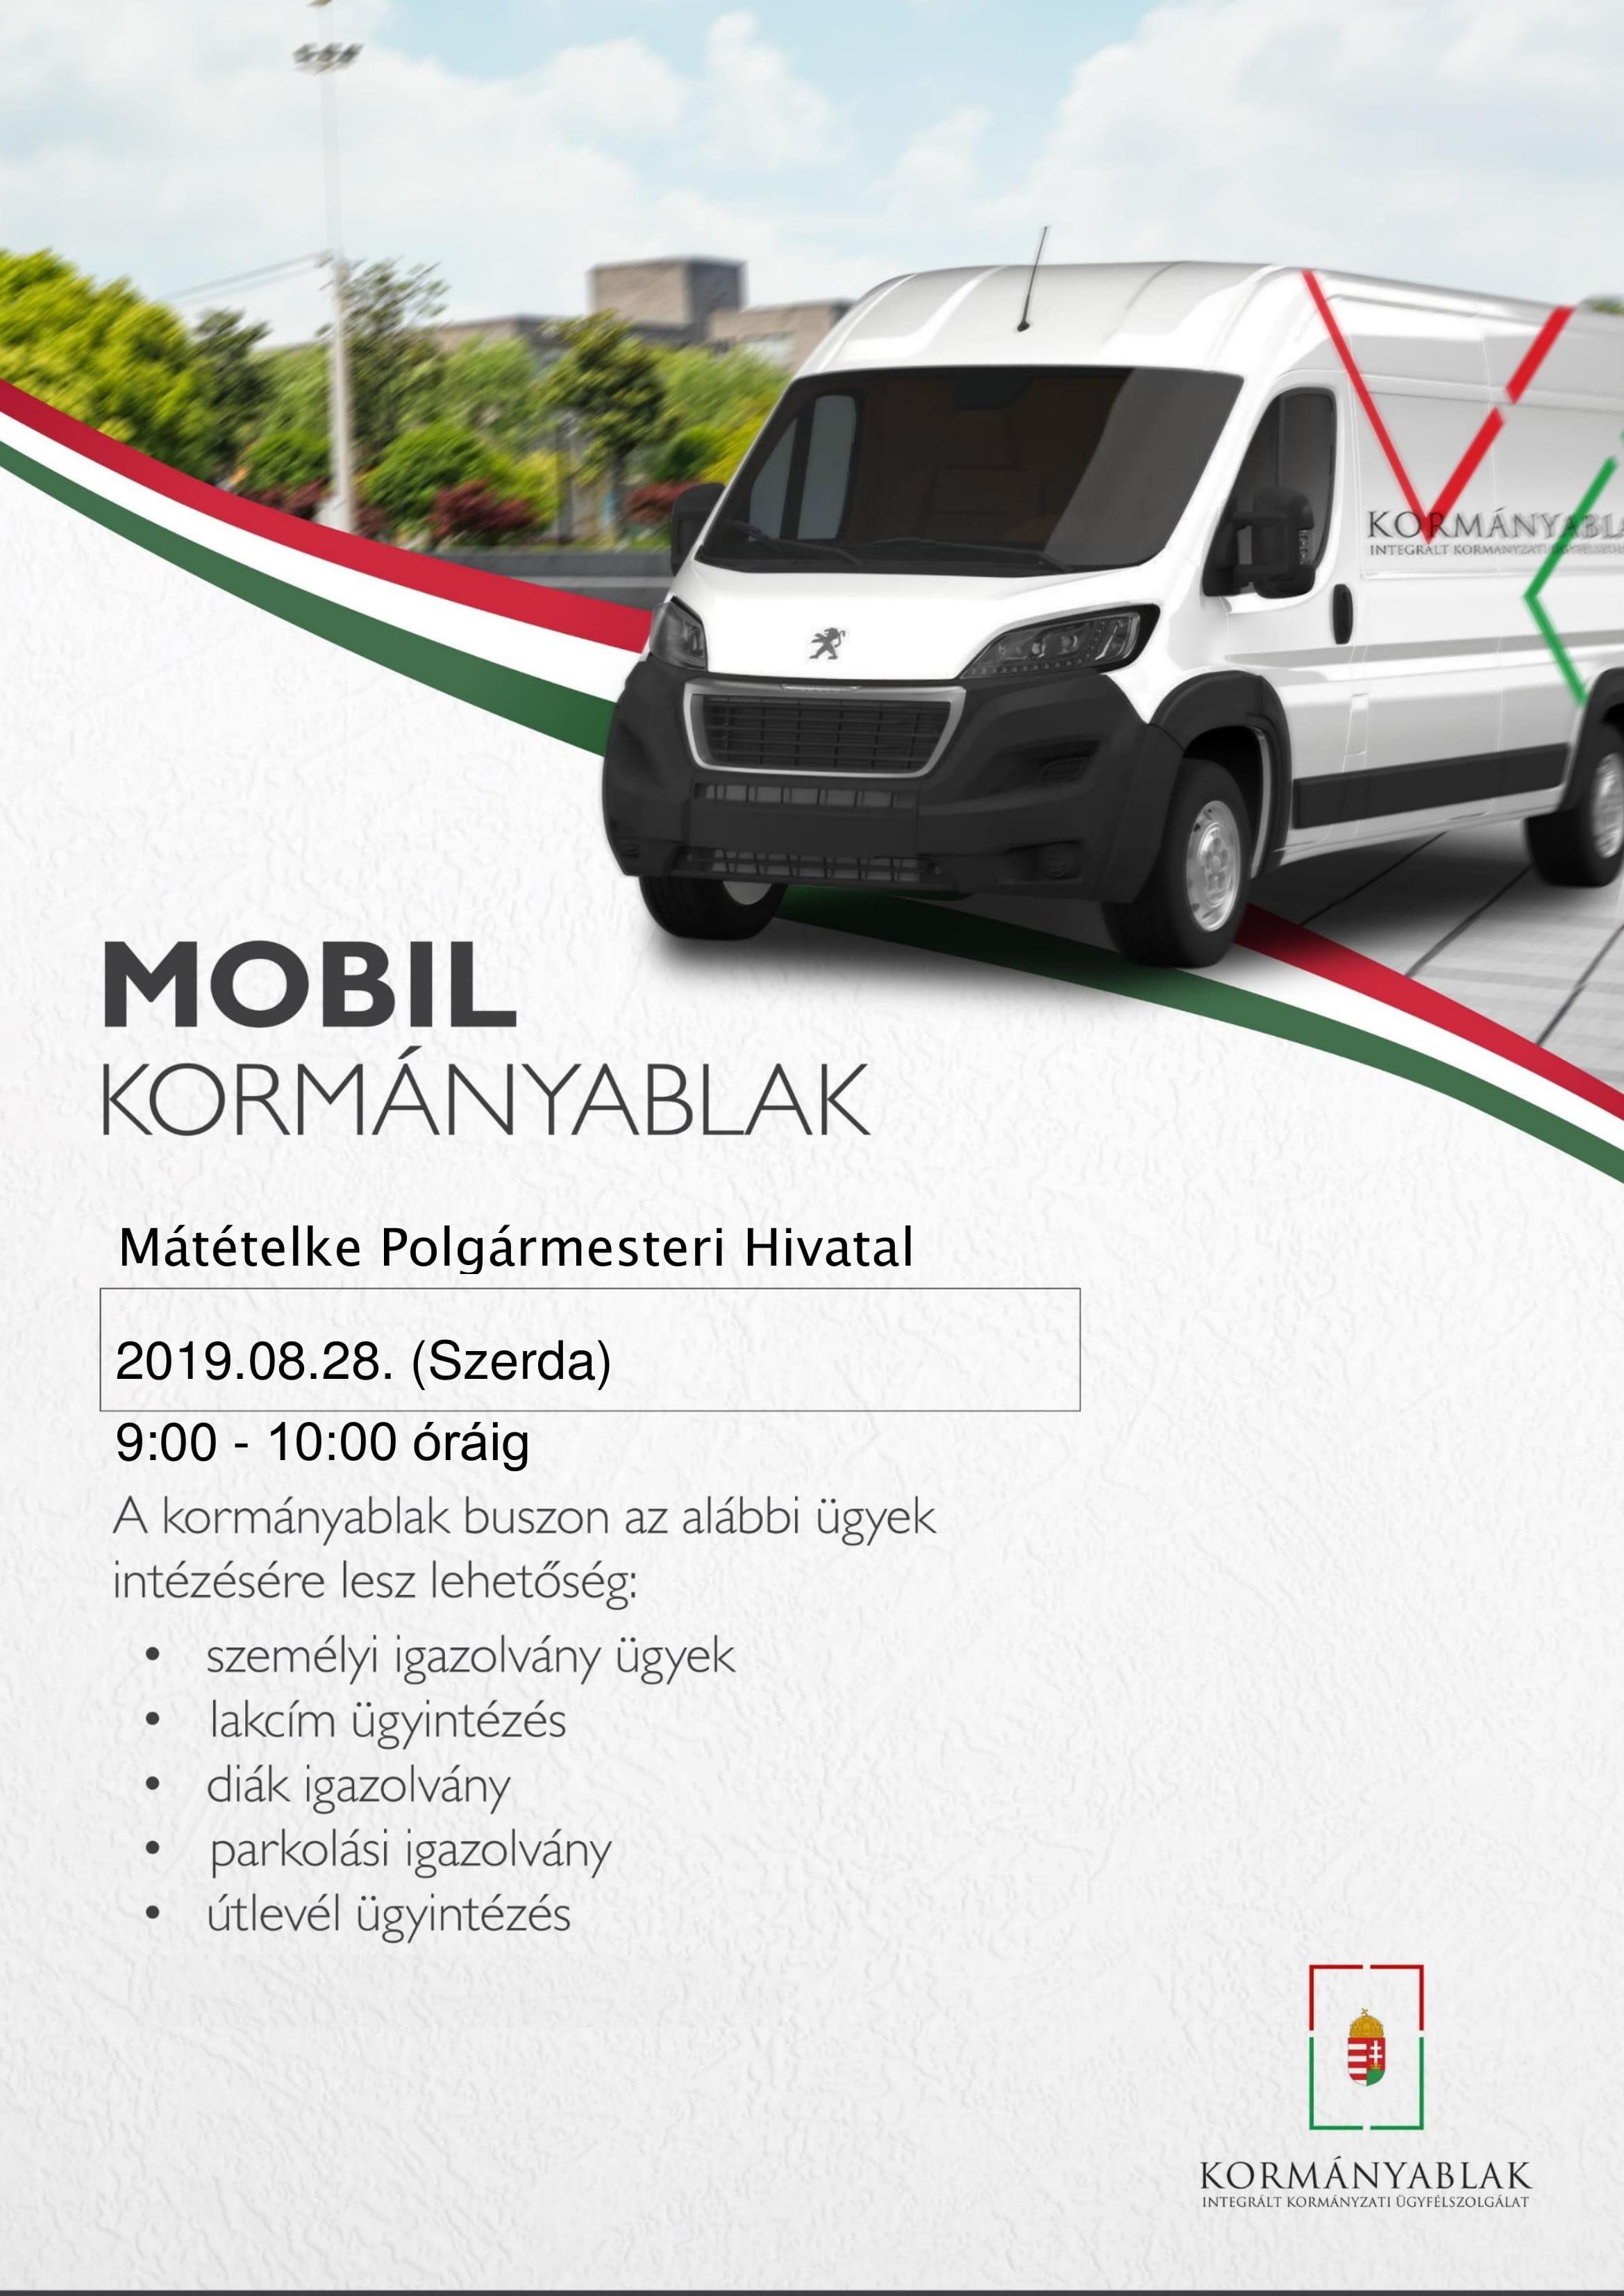 Bácsalmás Kormányablak busz plakát - Mátételke-1